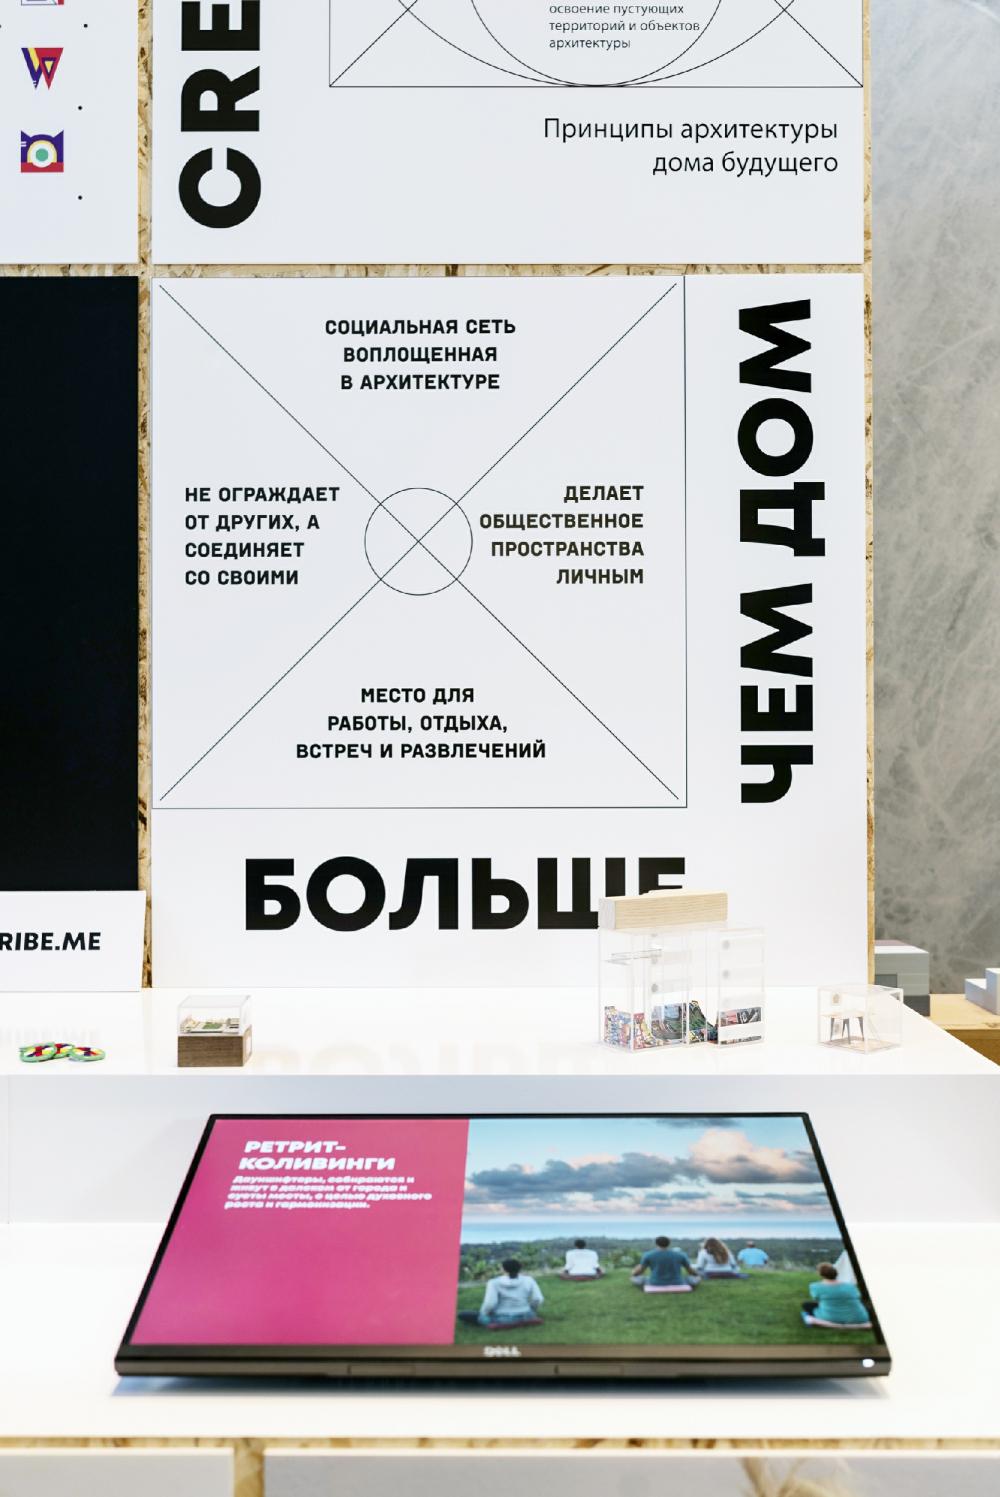 Проект Intribe.Me. Стенд на Арх Москве 2019 в рамках проекта «Дом будущего сегодня»<br>Фотография © Даниель Анненков